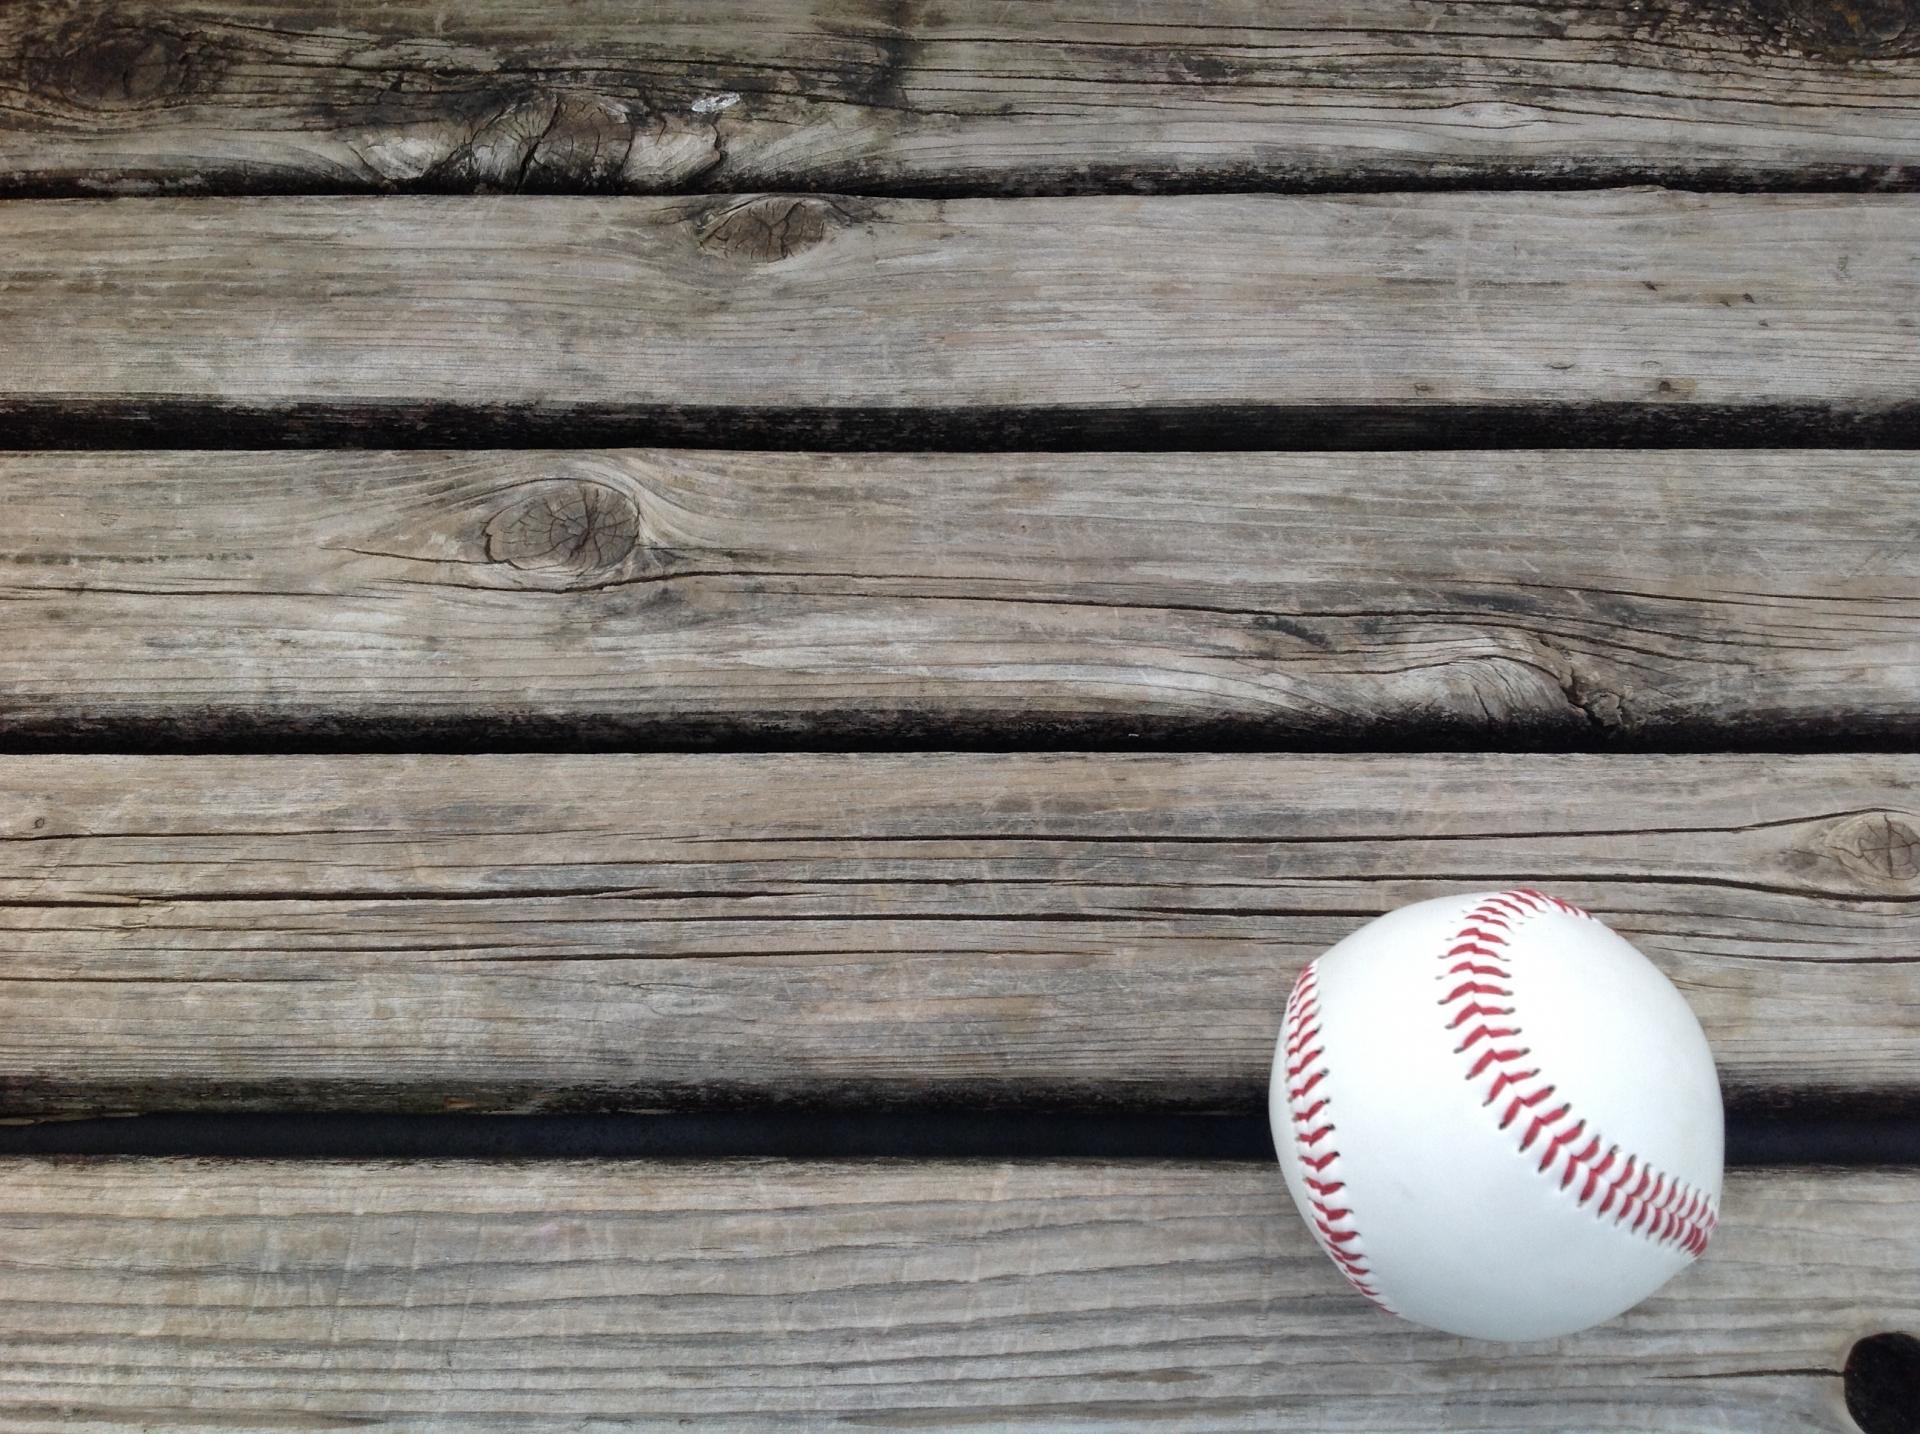 野球 東北 2020 中継 大会 高校